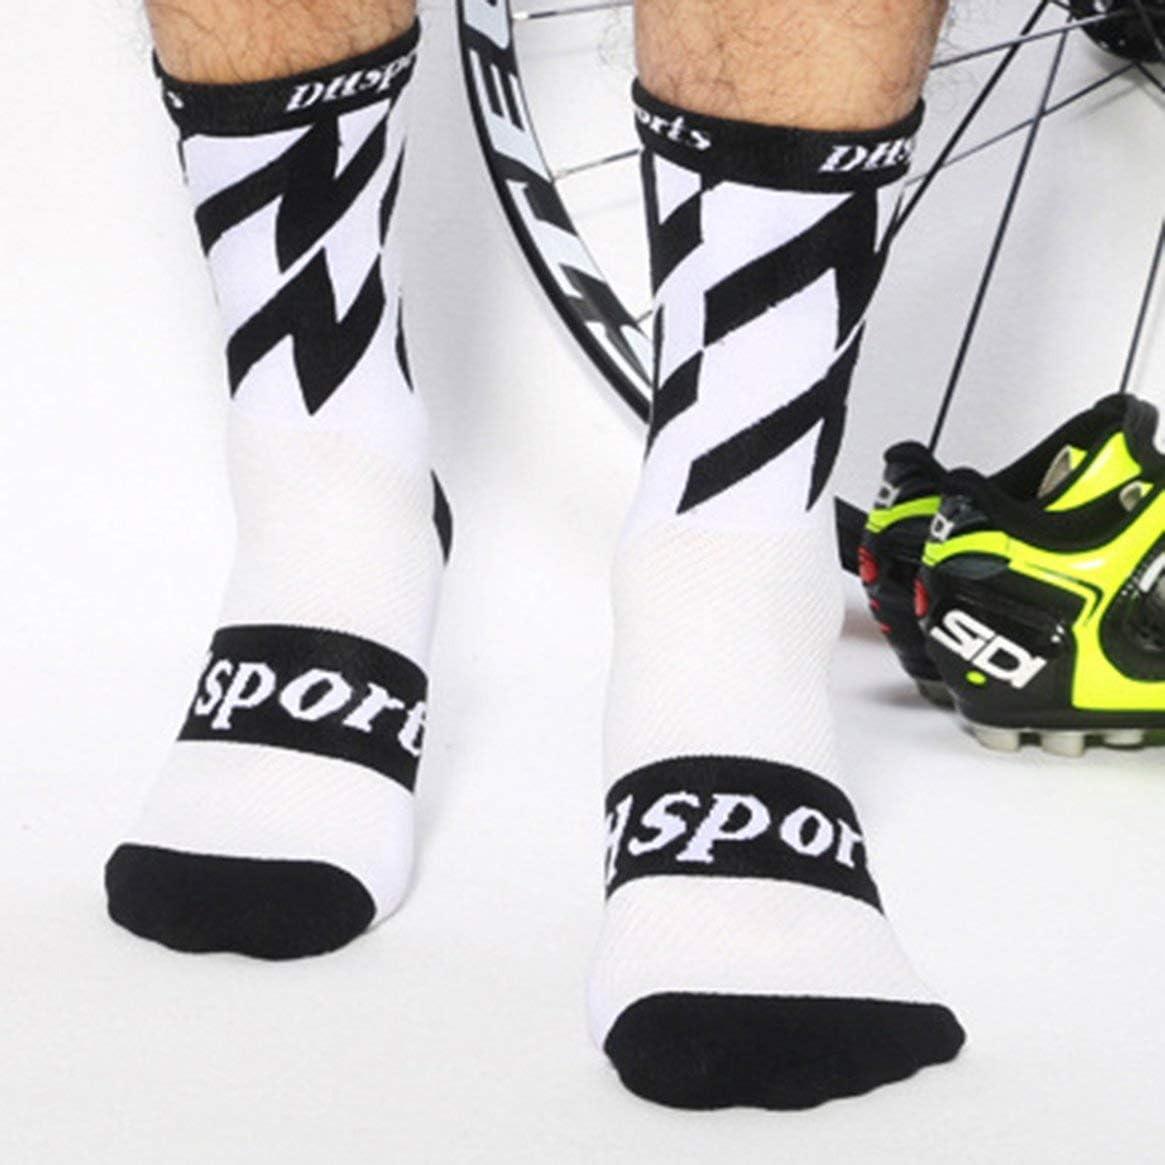 Cyclisme Chaussettes Sport V/élo Course Spin Classe Randonn/ée Gym Formation Cool Dr/ôle Freeday-uk